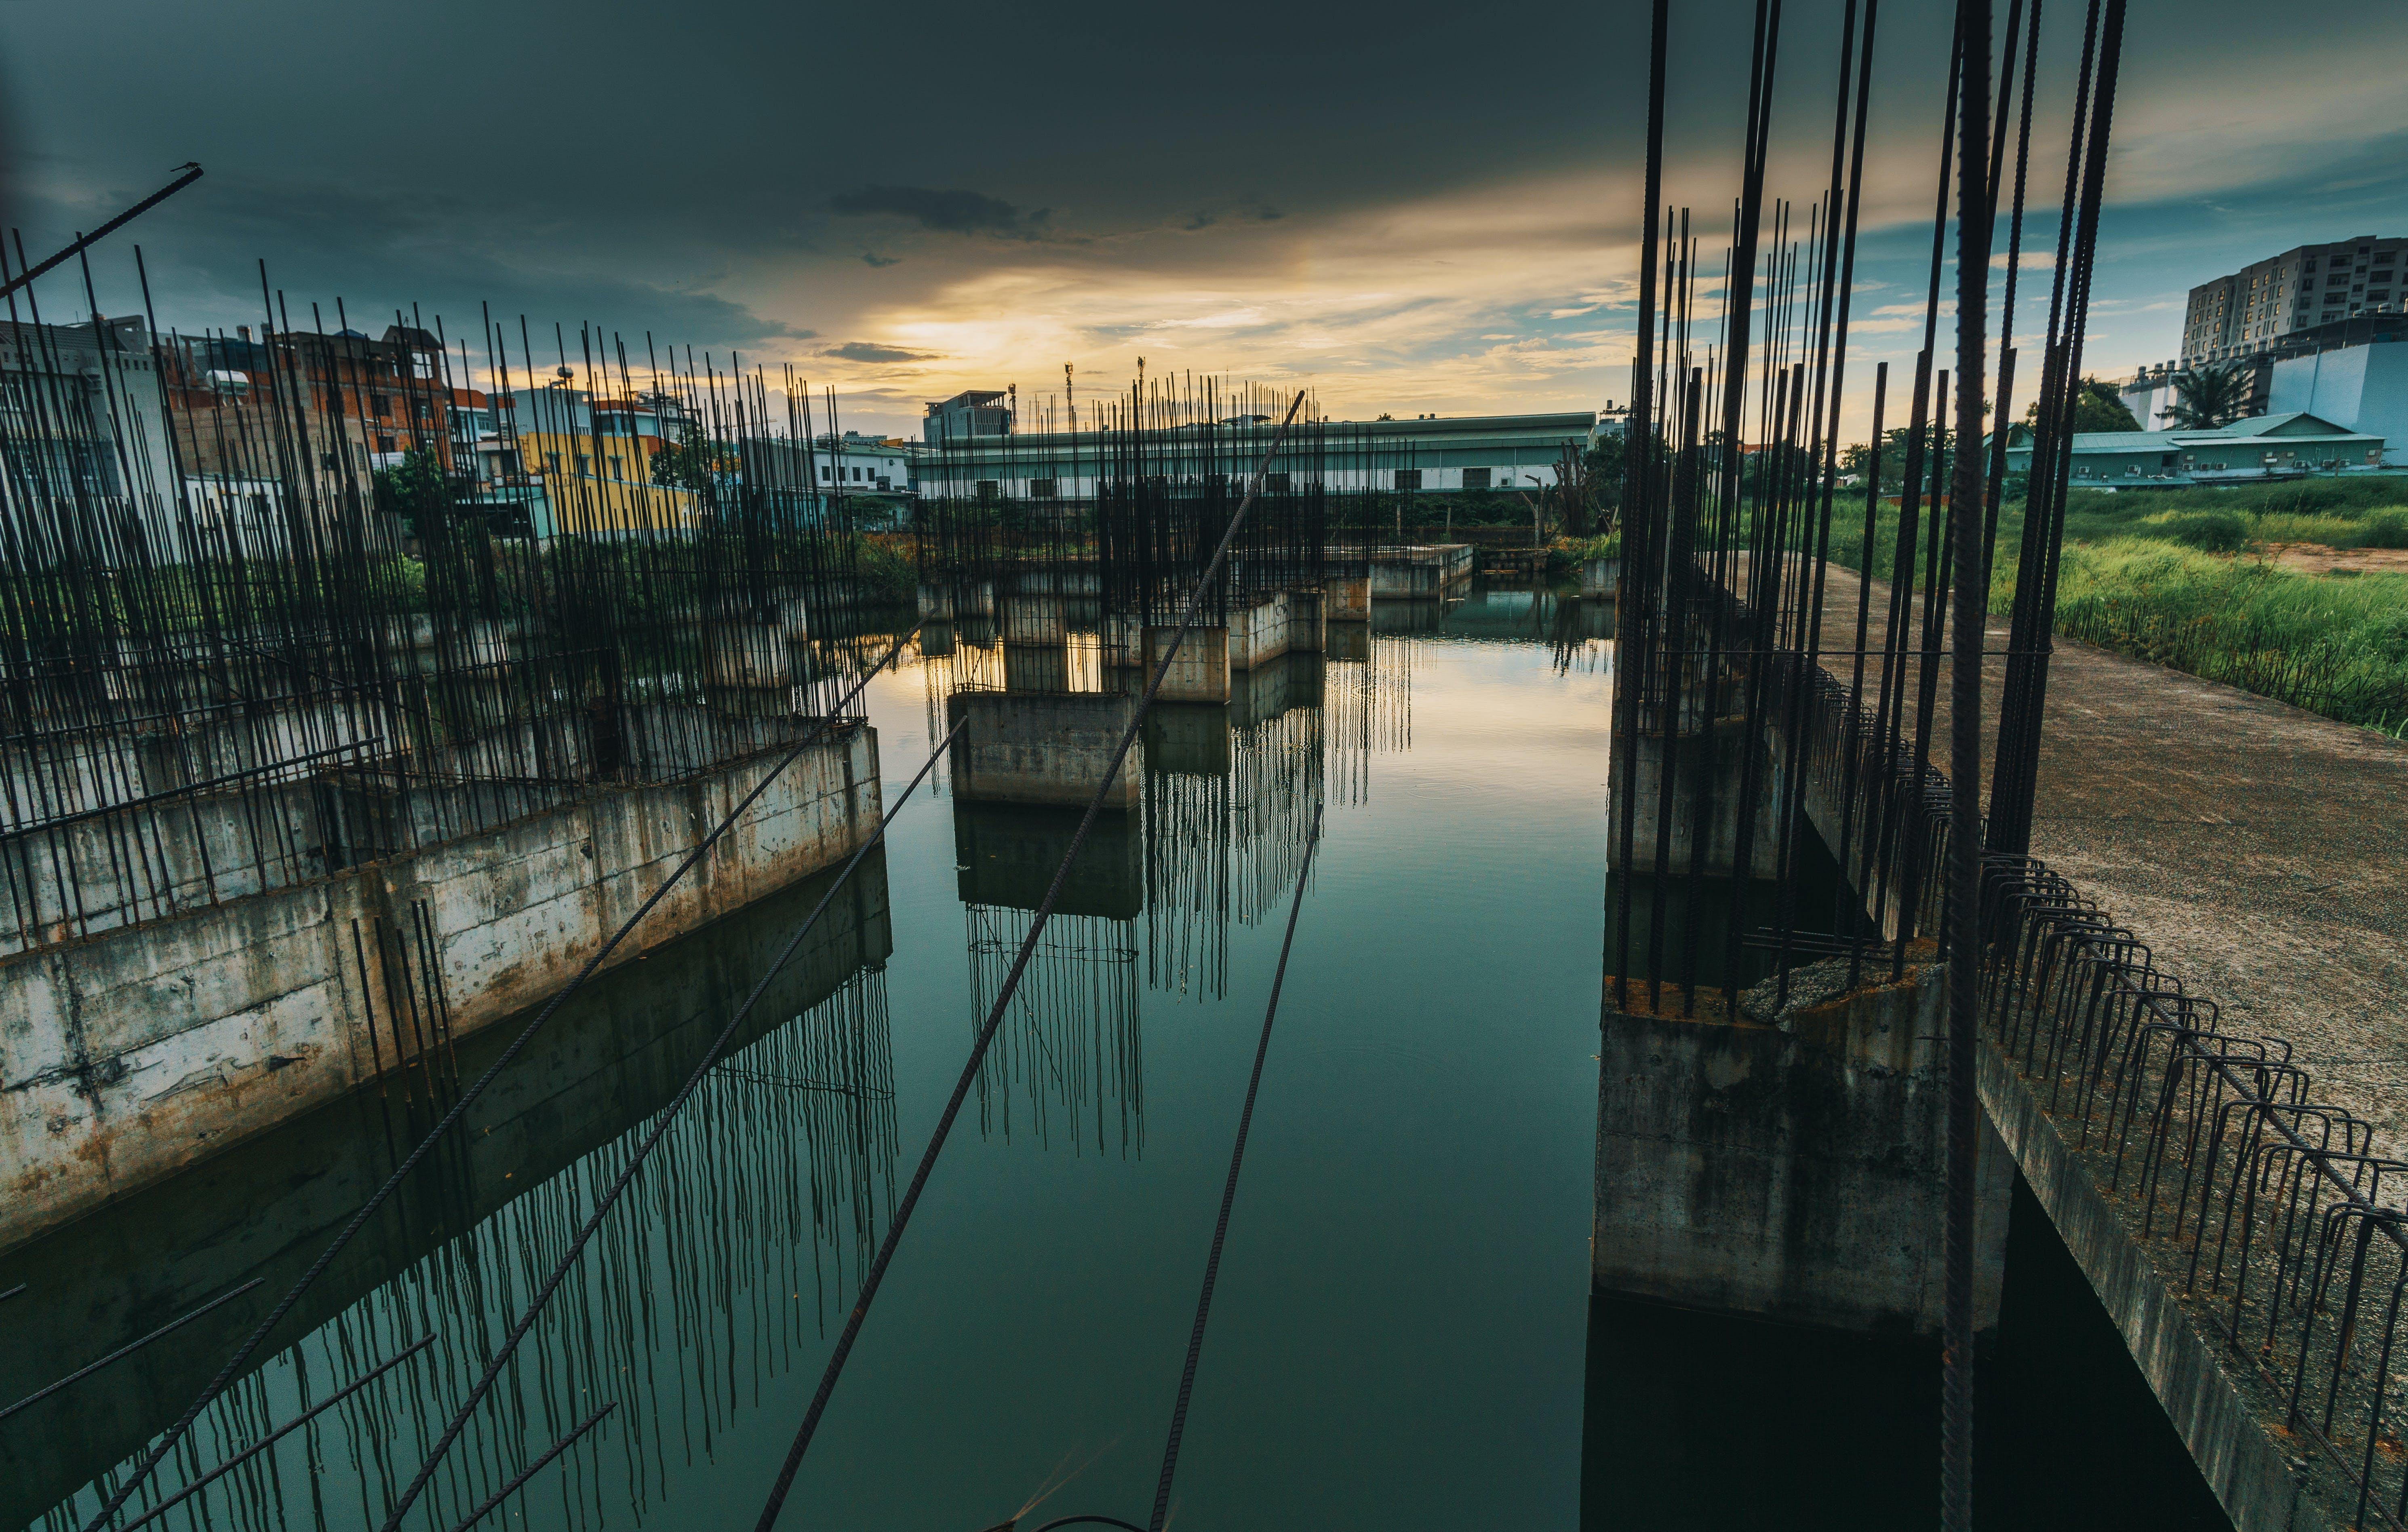 Photo of Metal Bars on Water Under Dark Sky